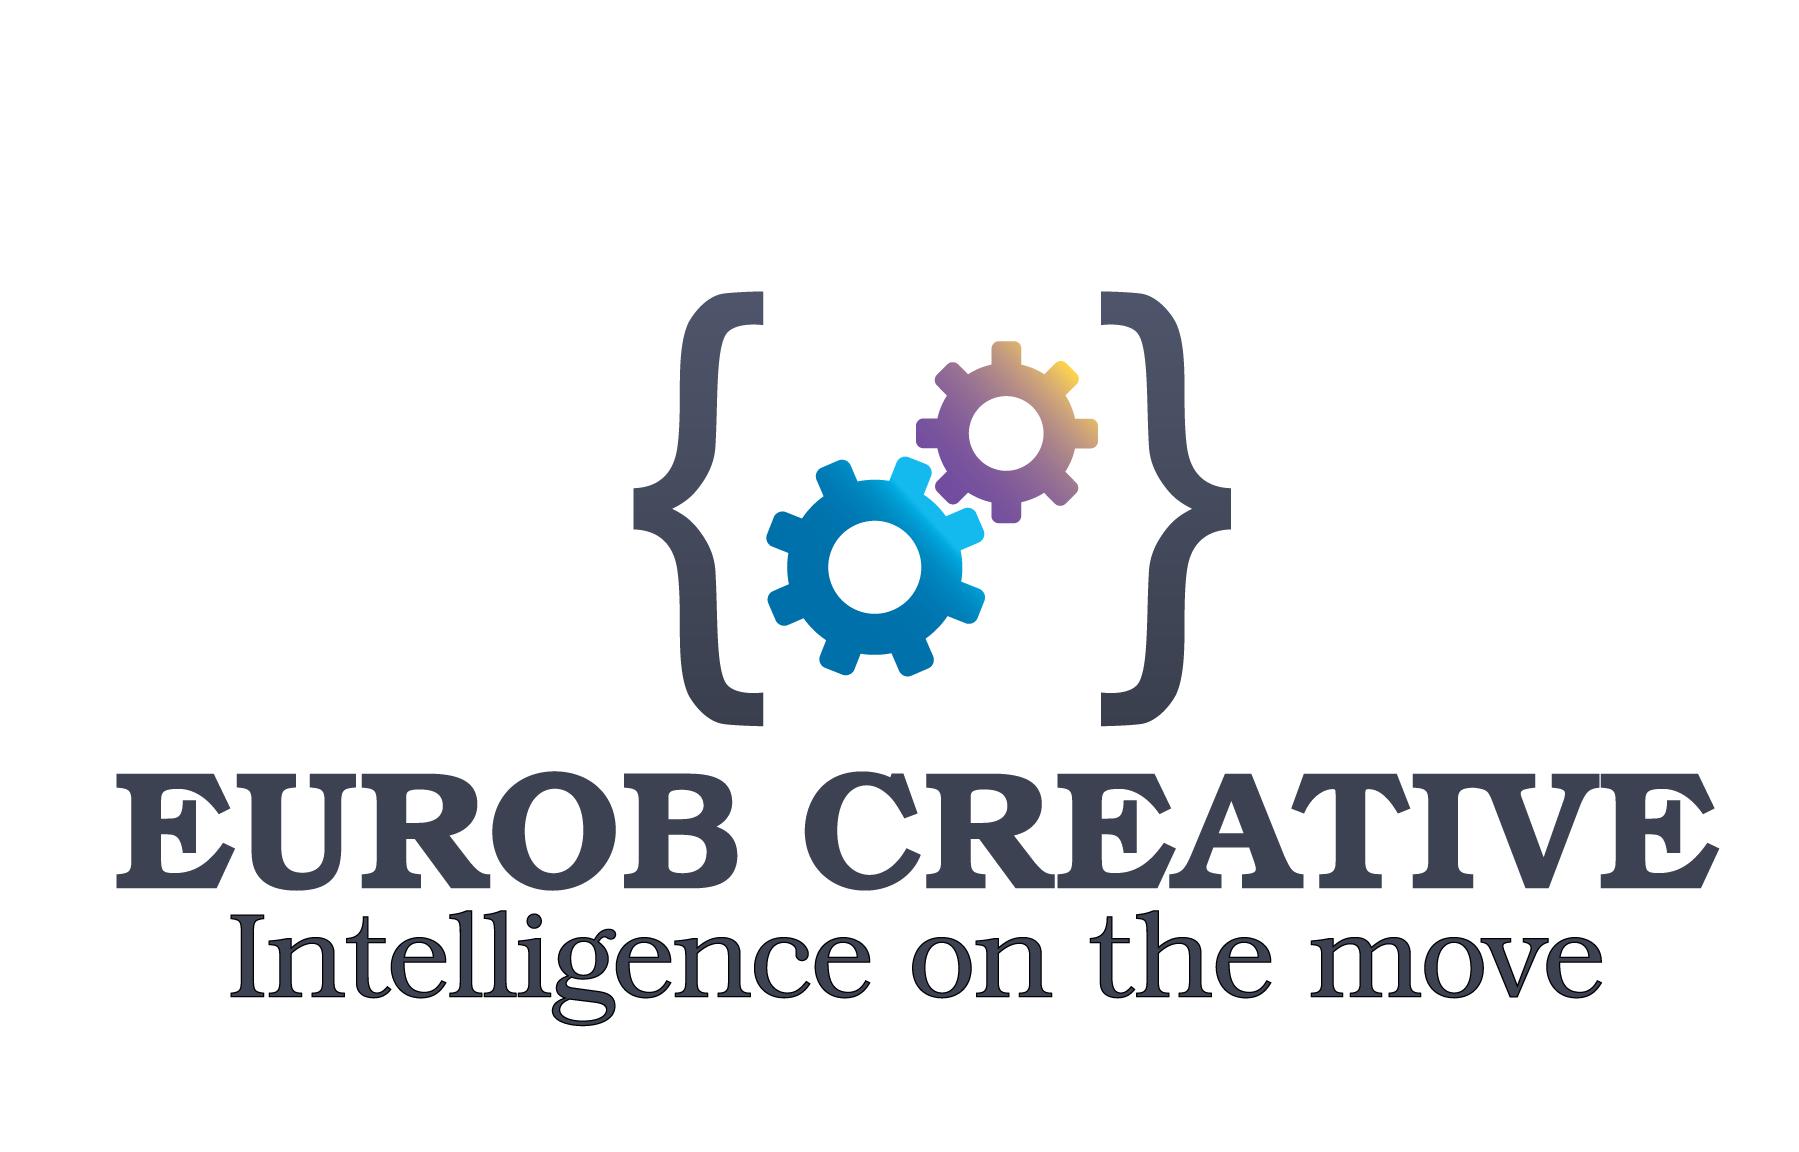 Logo de EUROB CREATIVE